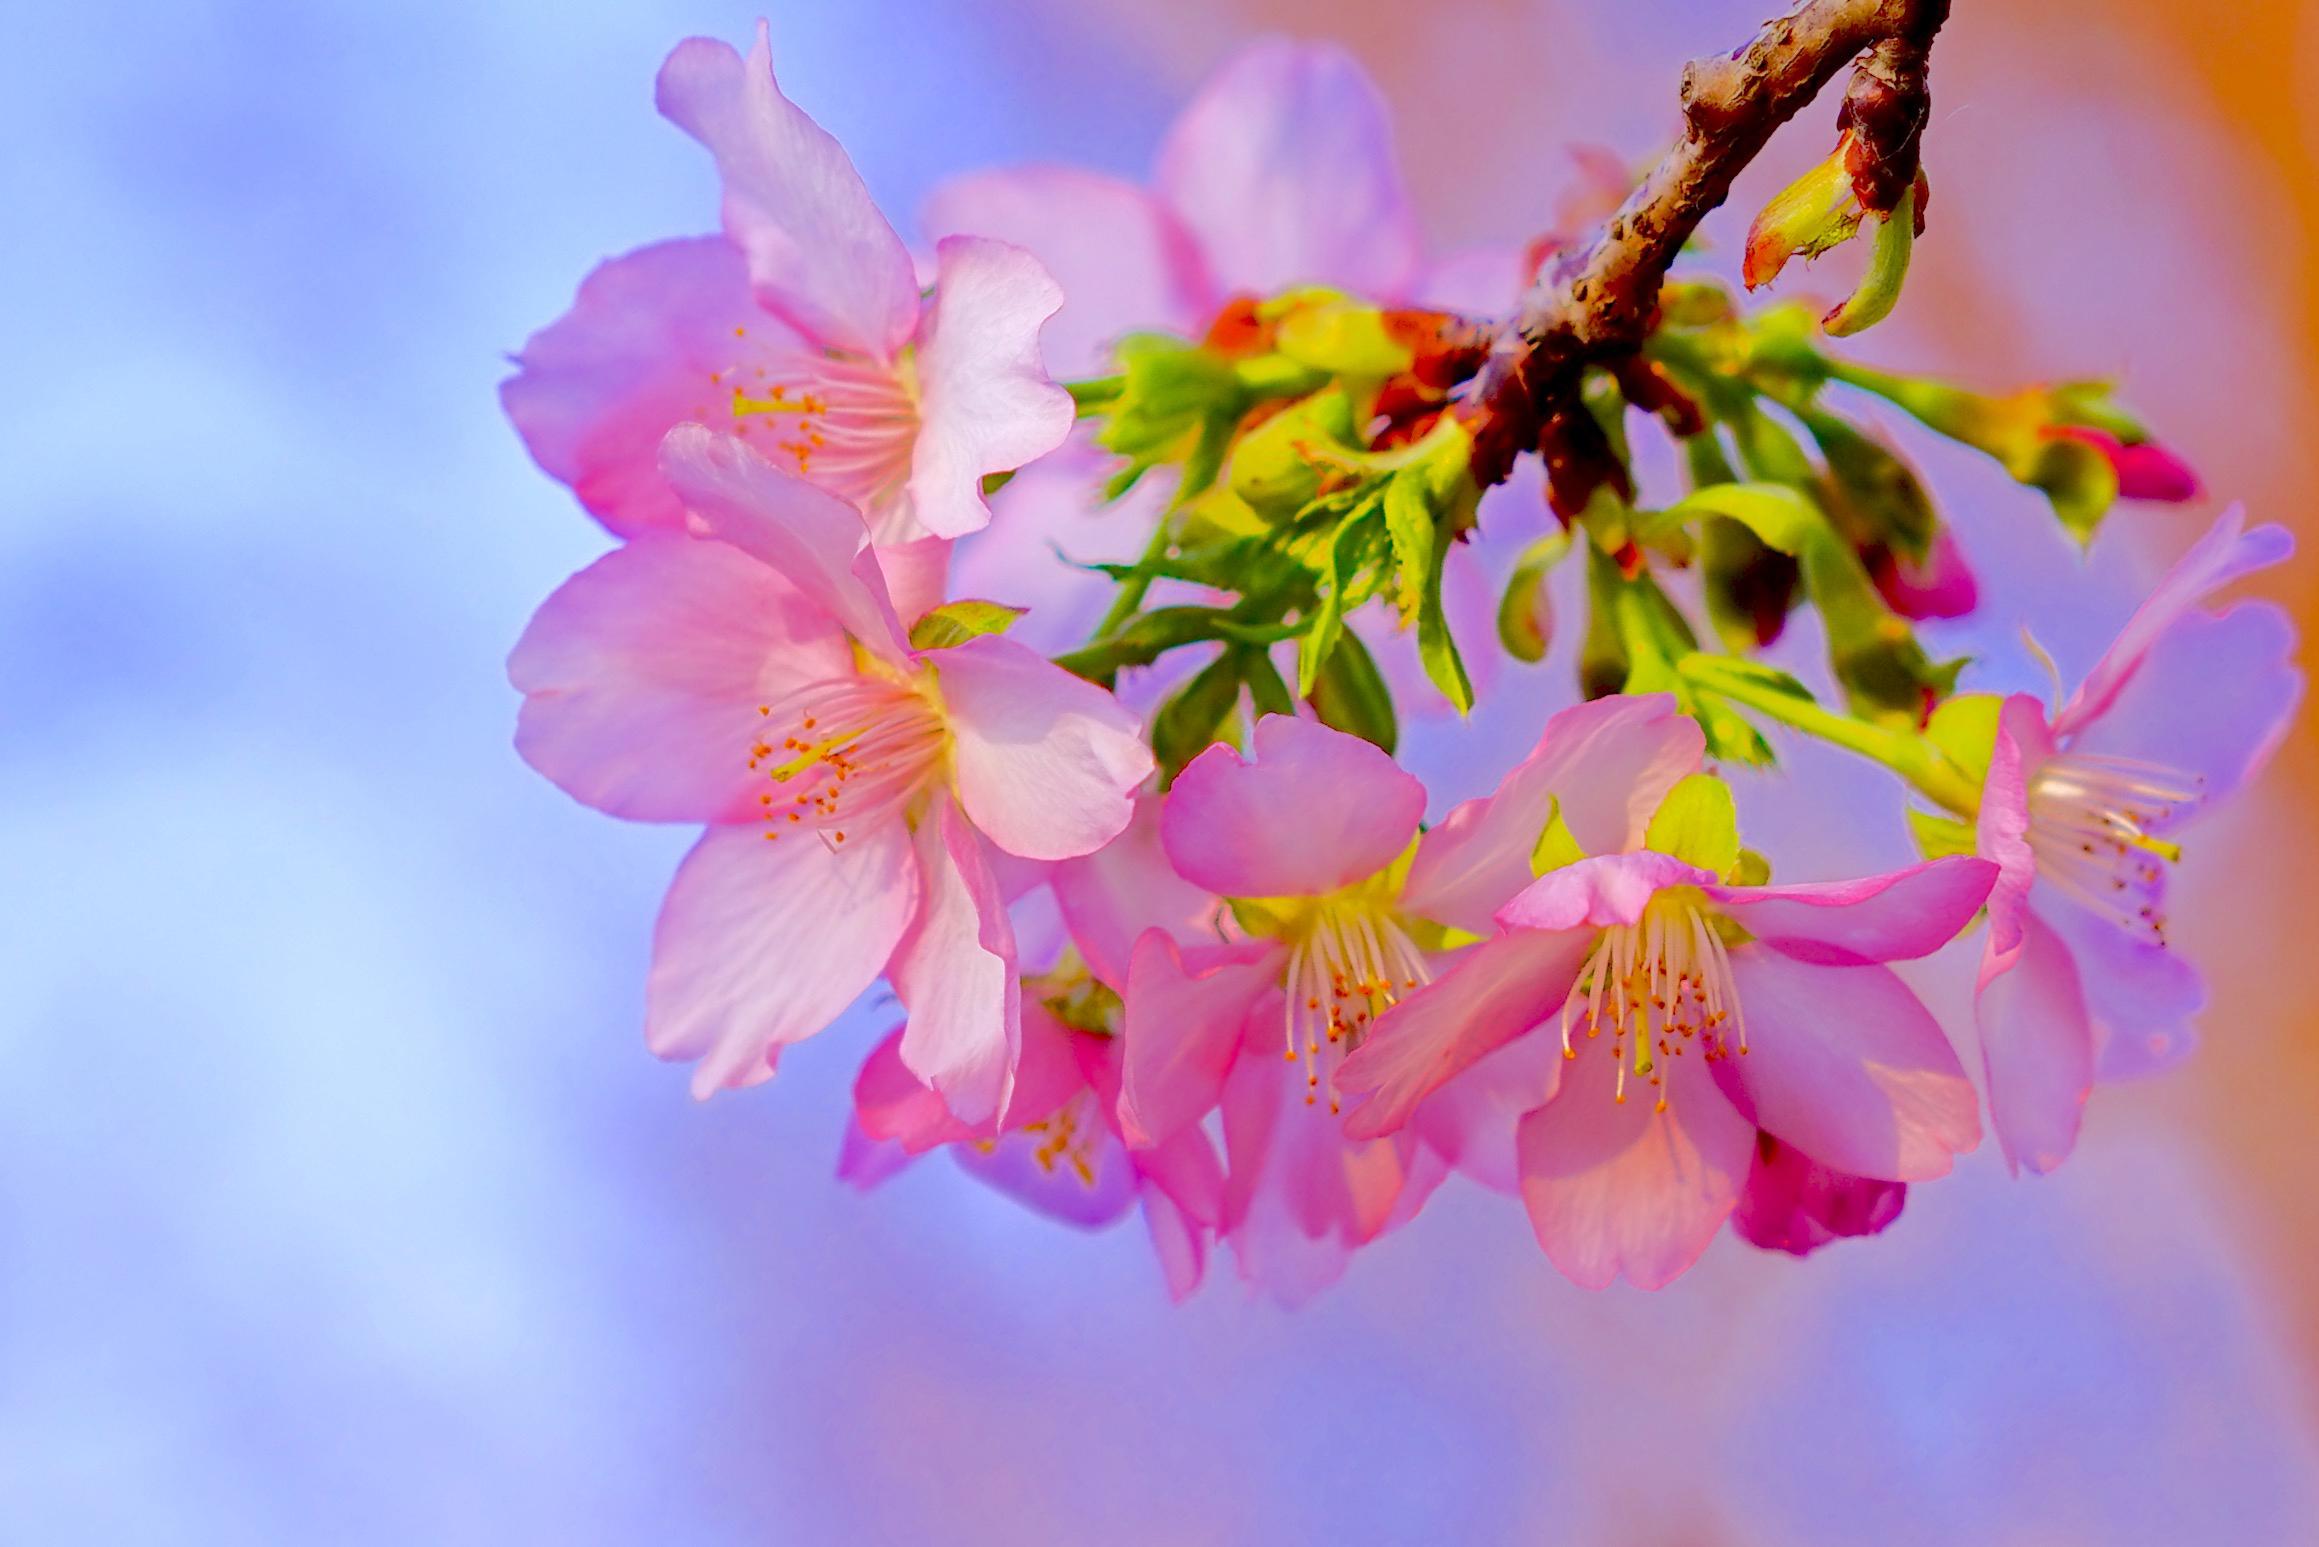 вишня цветение  № 2767158 загрузить